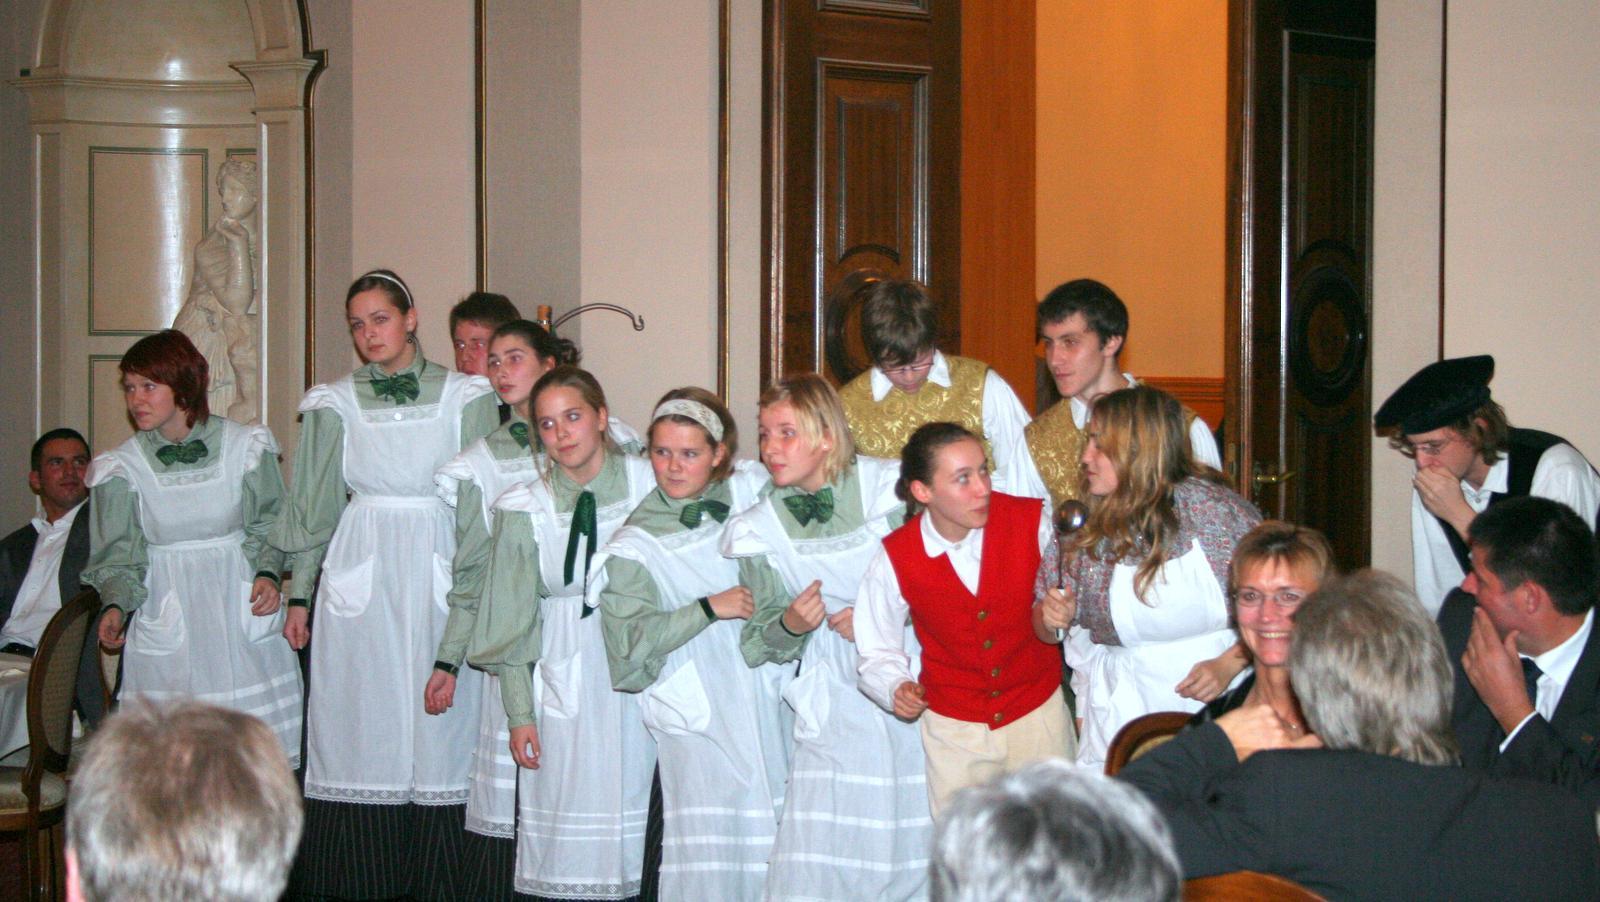 24-2007-11-11_Martensmann_229